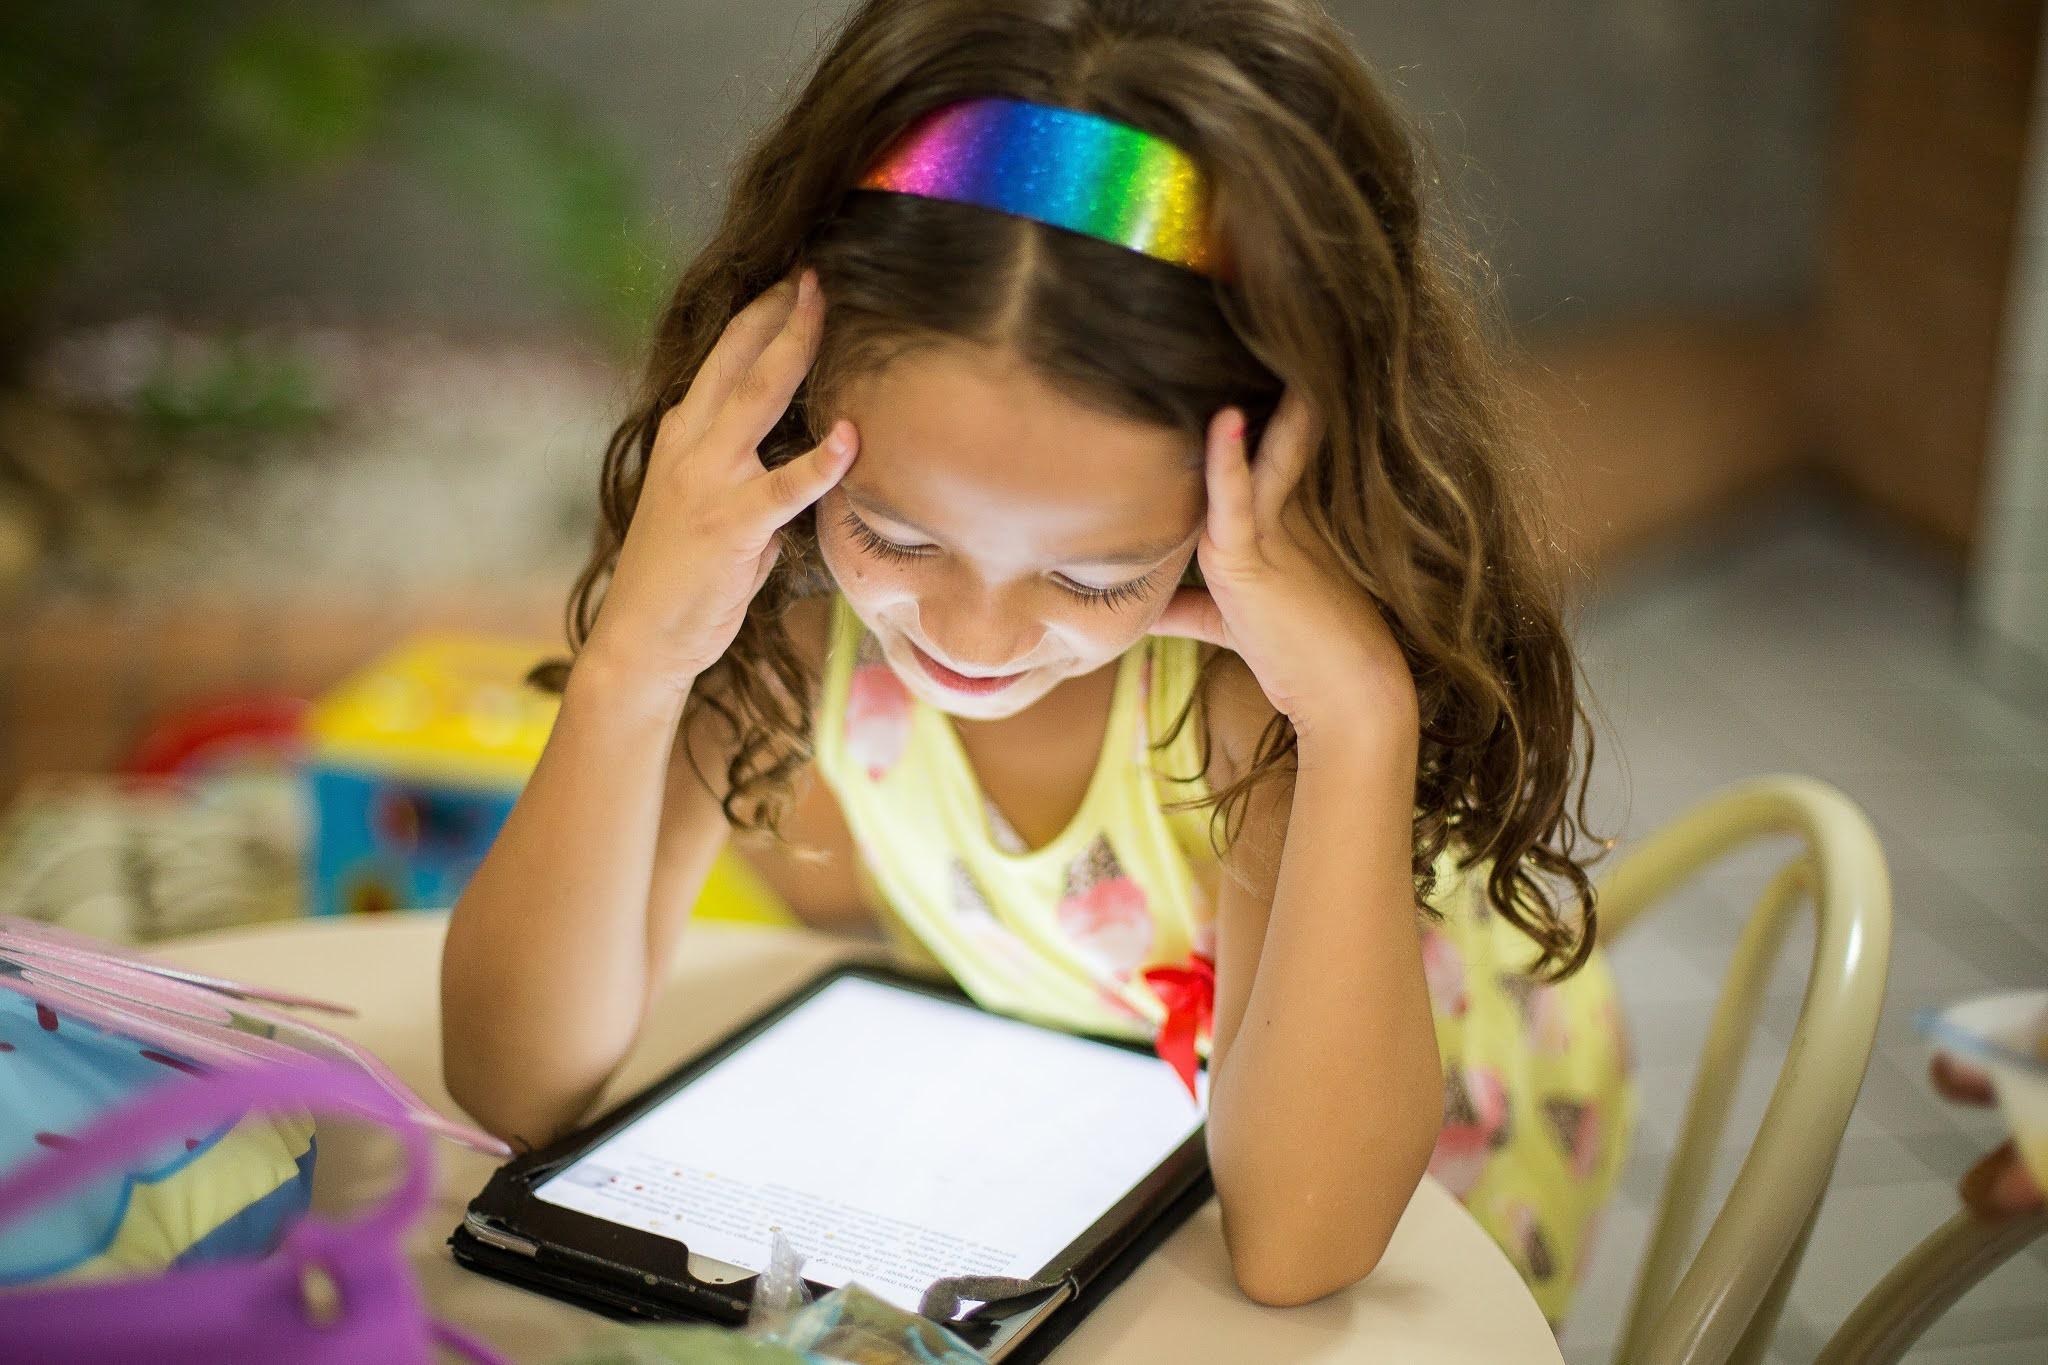 ما هي مخاطر الشاشات على الاطفال؟